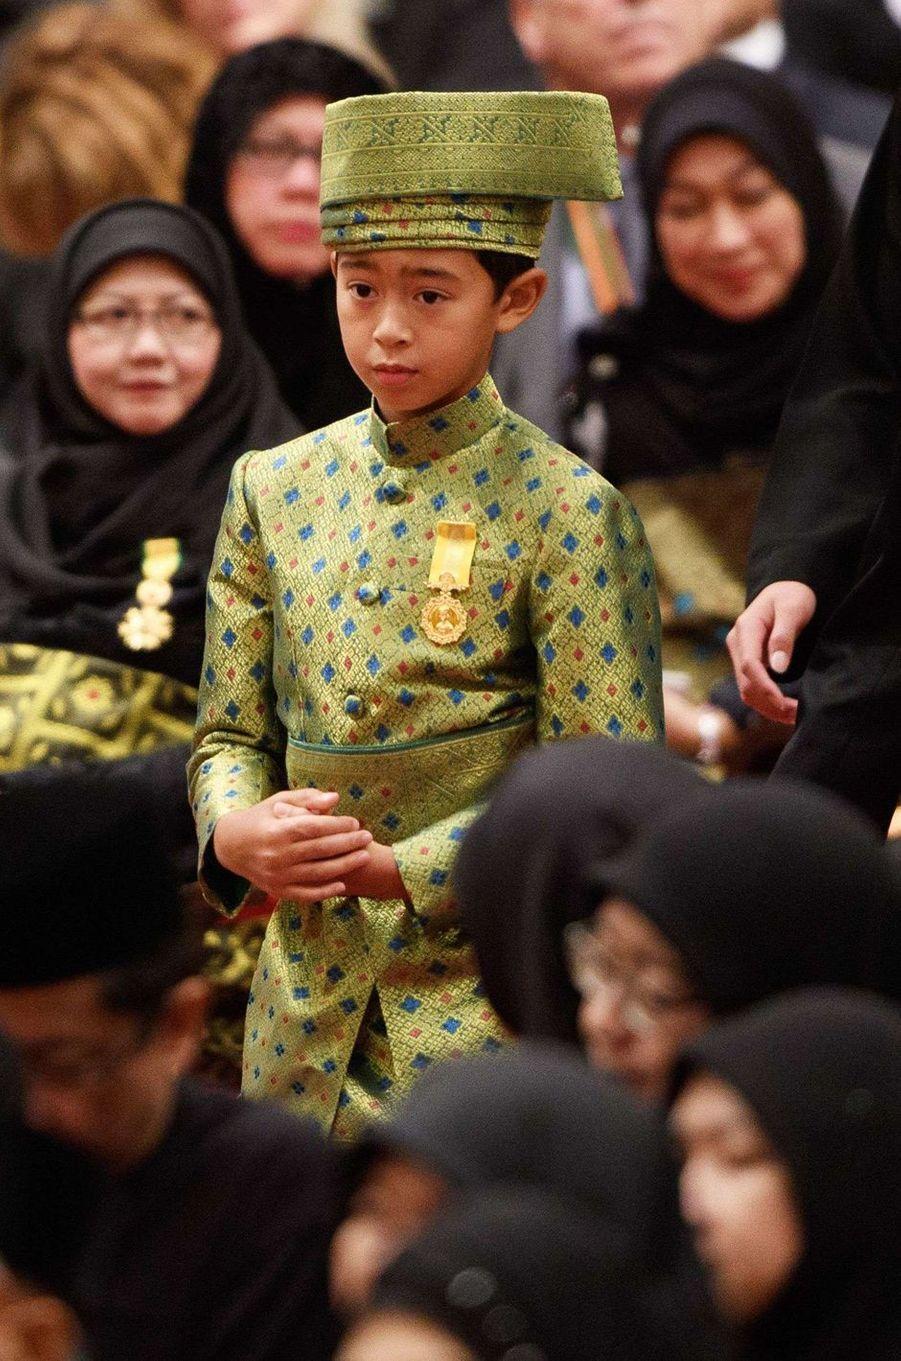 Abdul Muntaqim, petit-fils du sultan de Brunei Hassanal Bolkiah à Bandar Seri Begawan le 5 octobre 2017